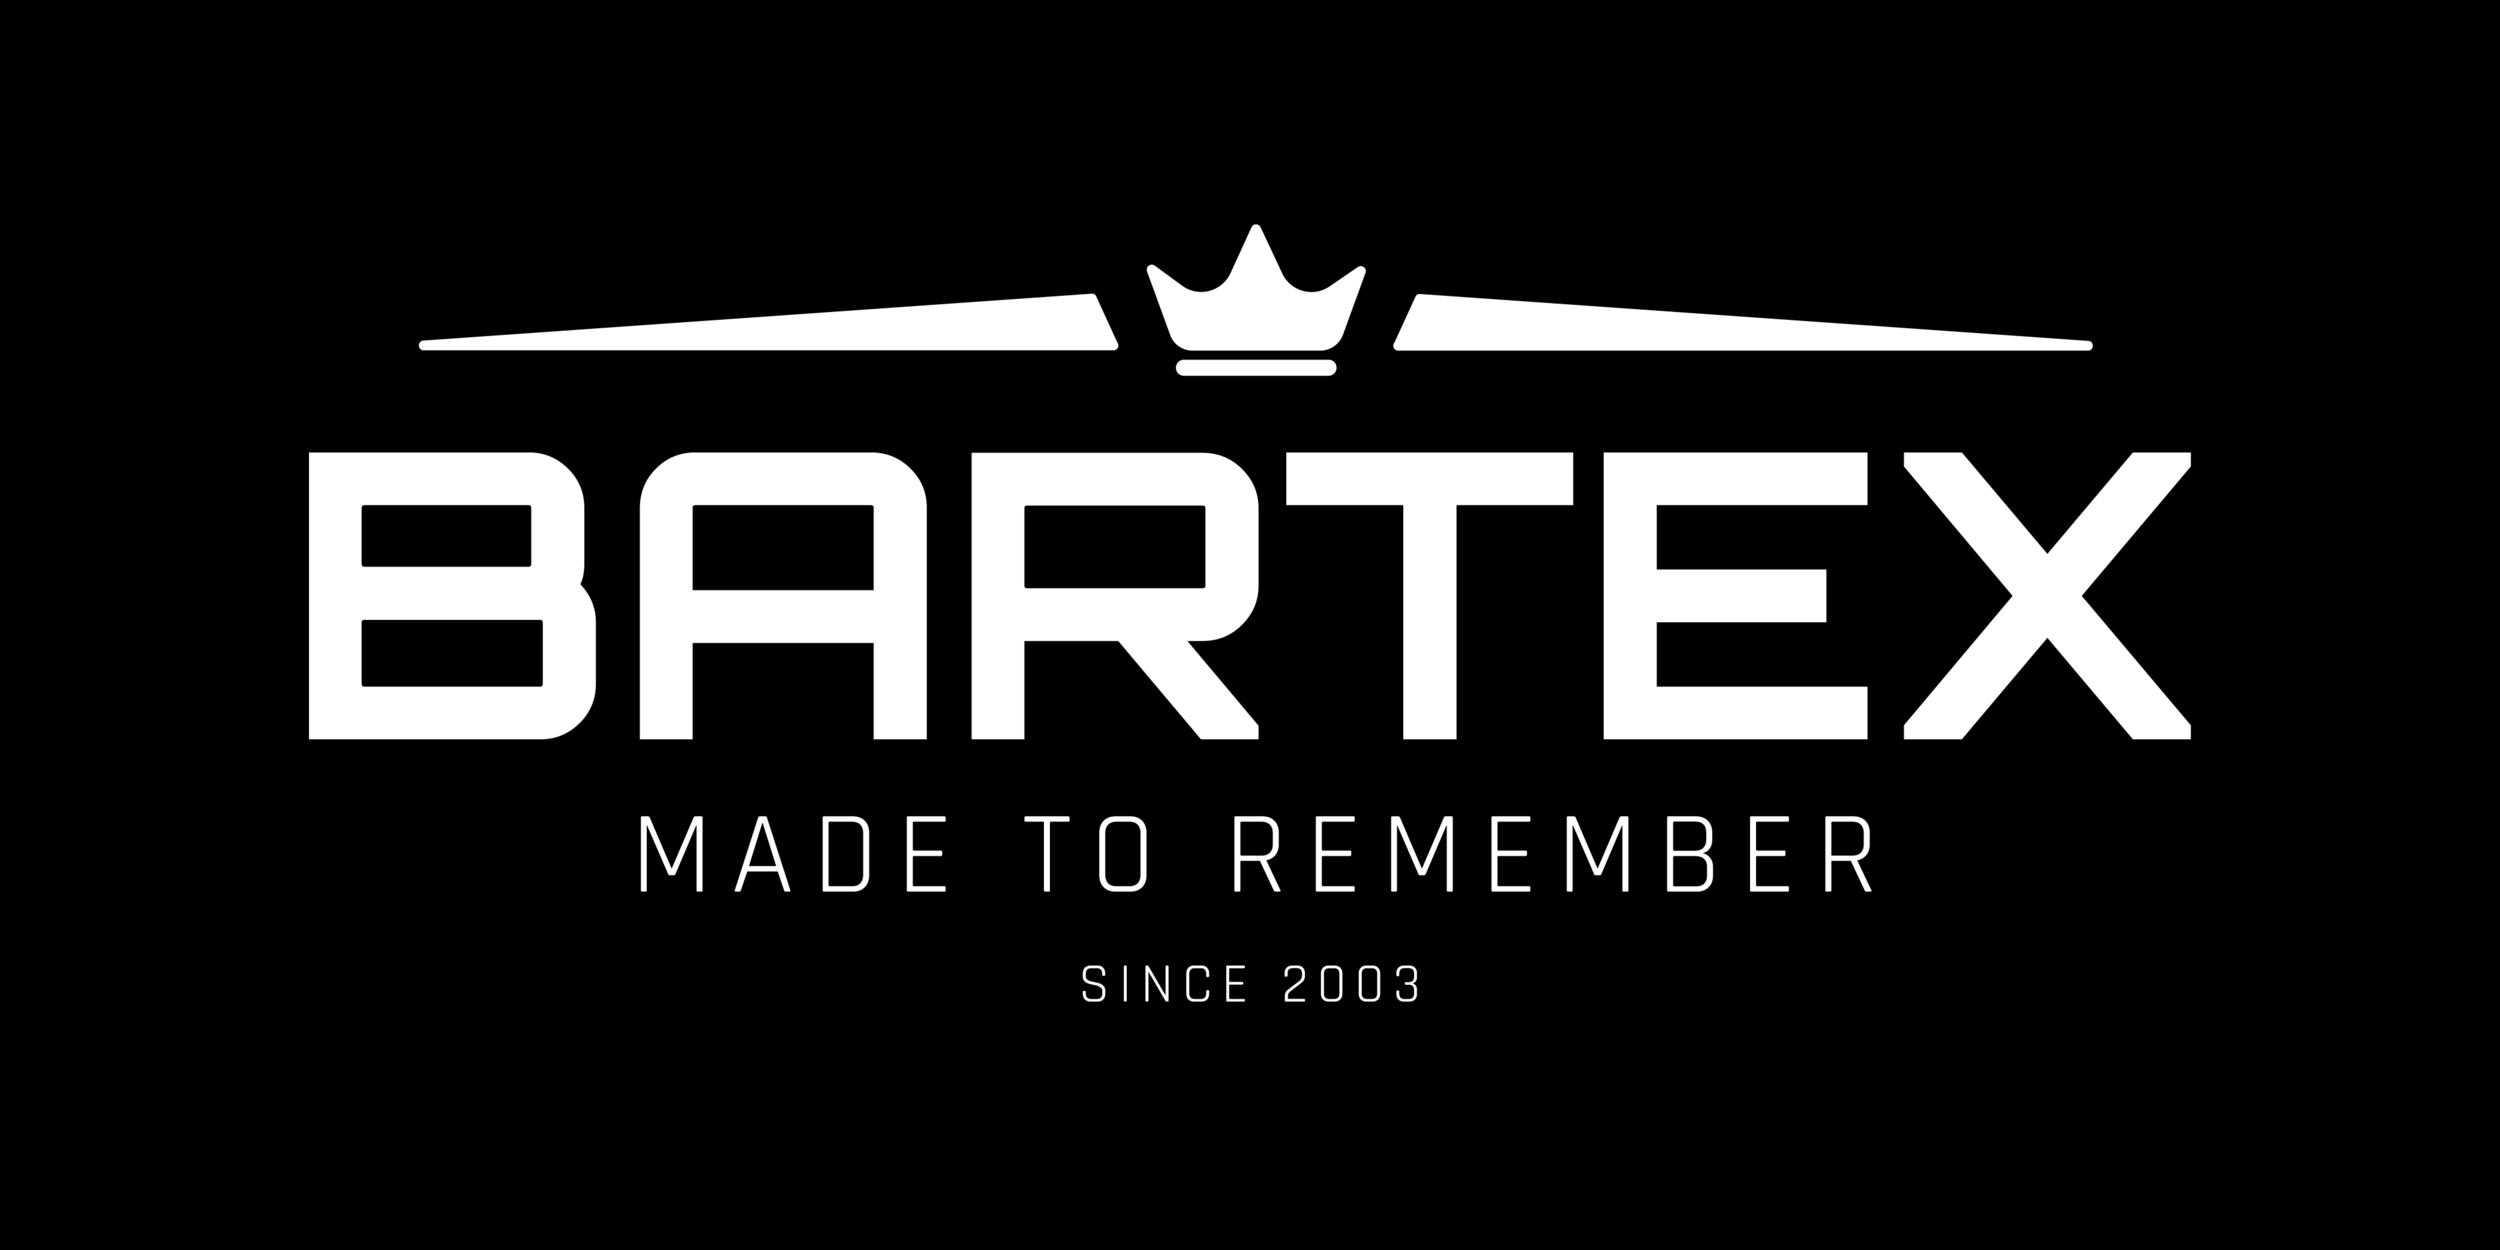 bartex_logo.png